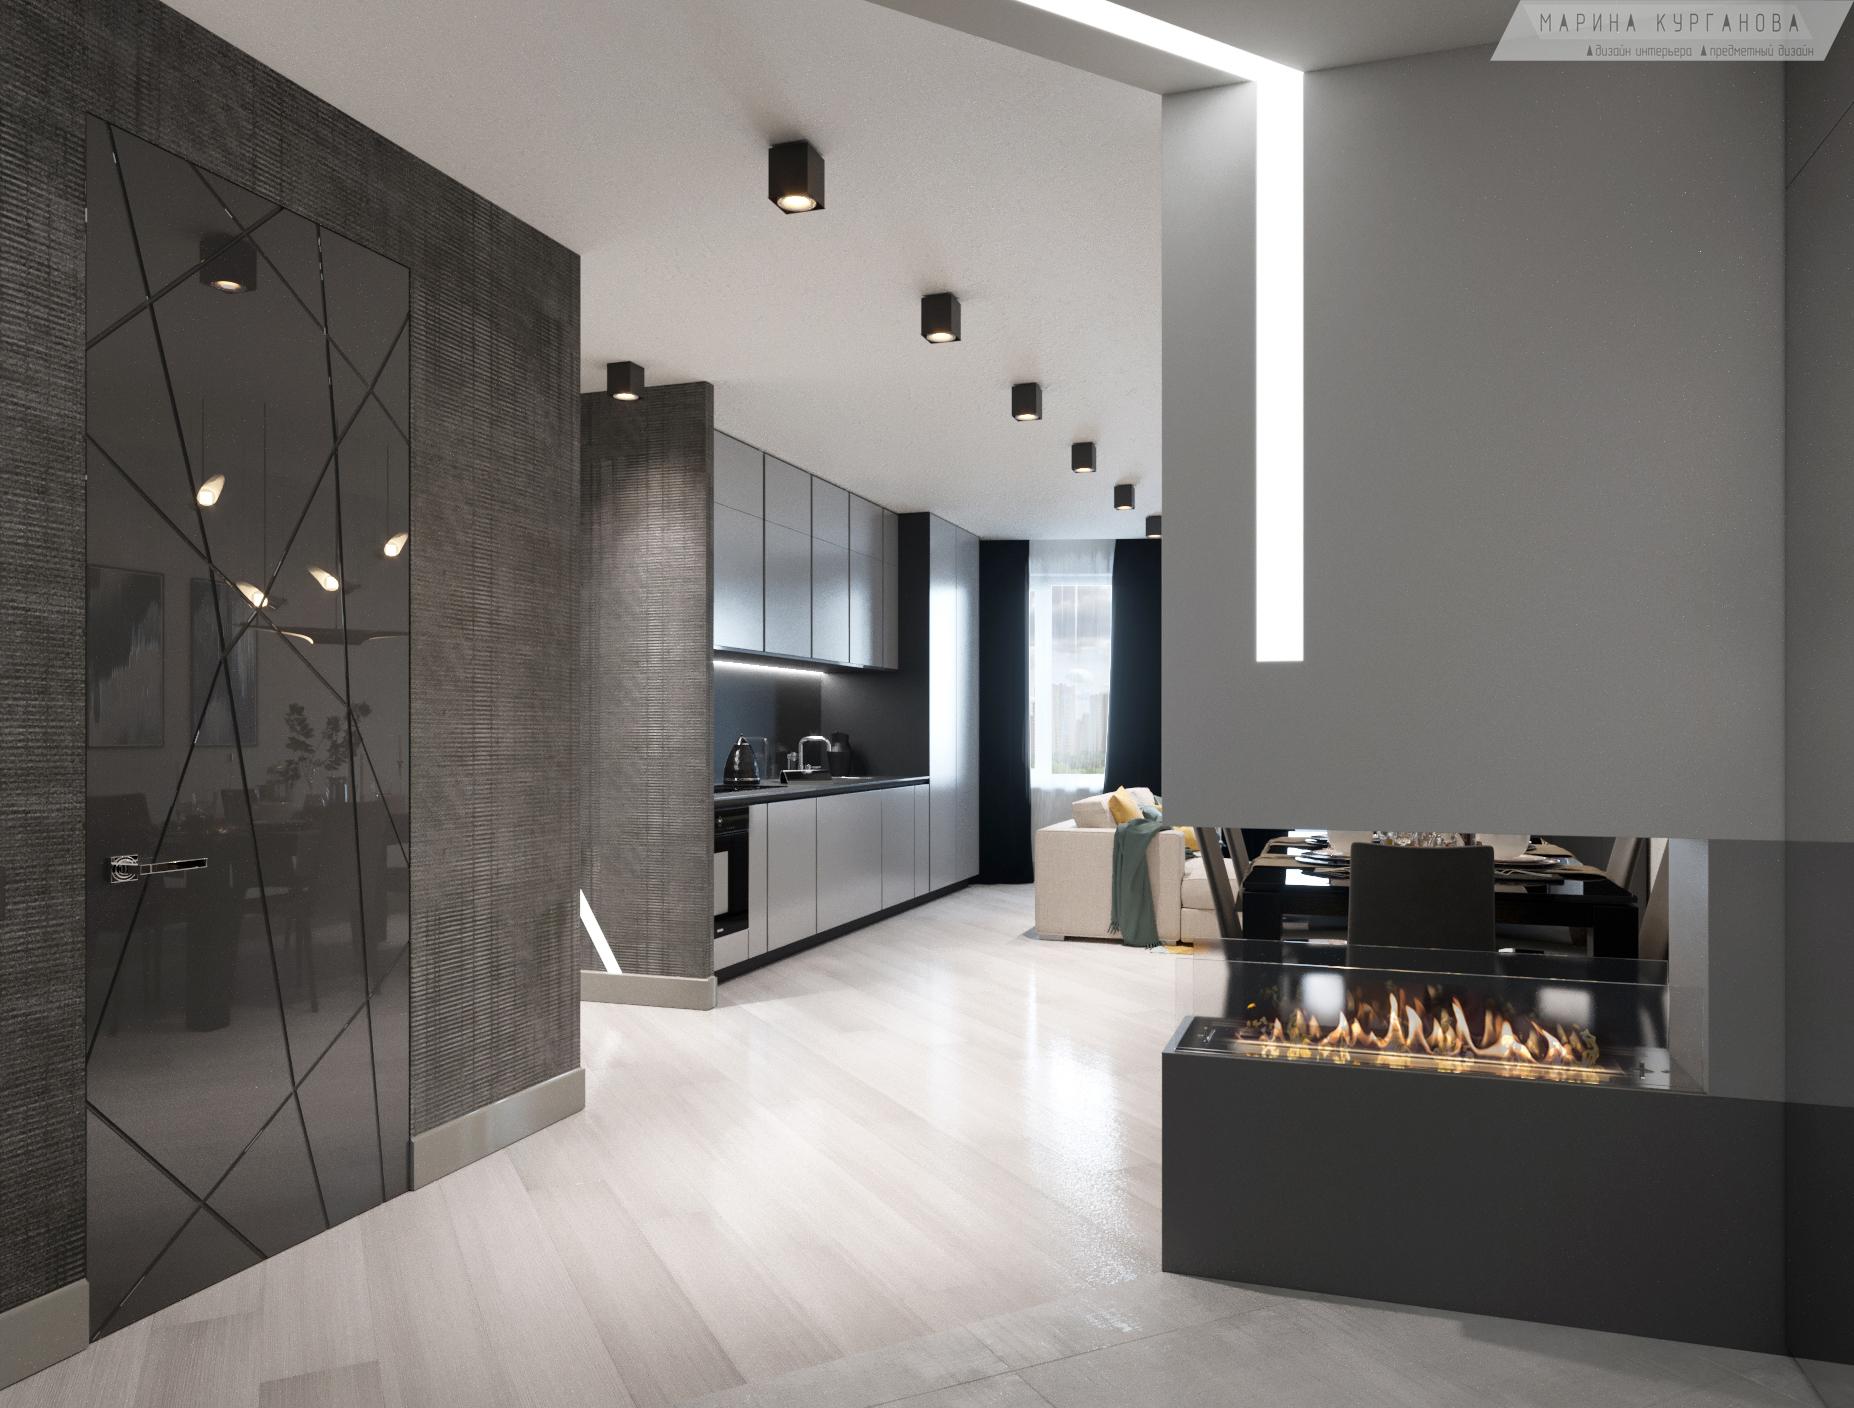 Вид из прихожей на кухню-гостиную